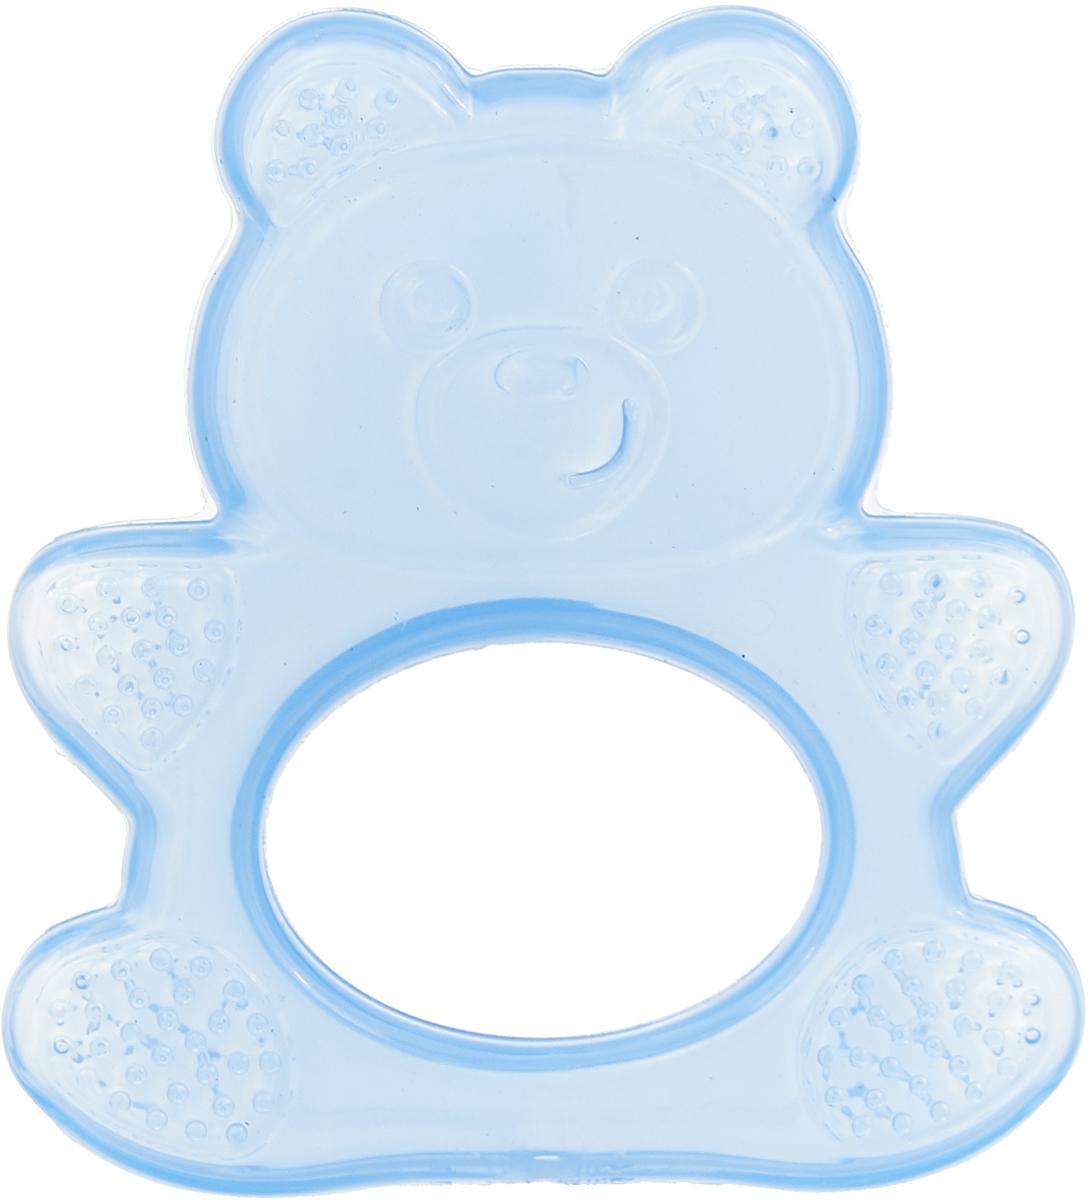 Пластмастер Прорезыватель Воздушный цвет голубой пластмастер прорезыватель миша цвет желтый